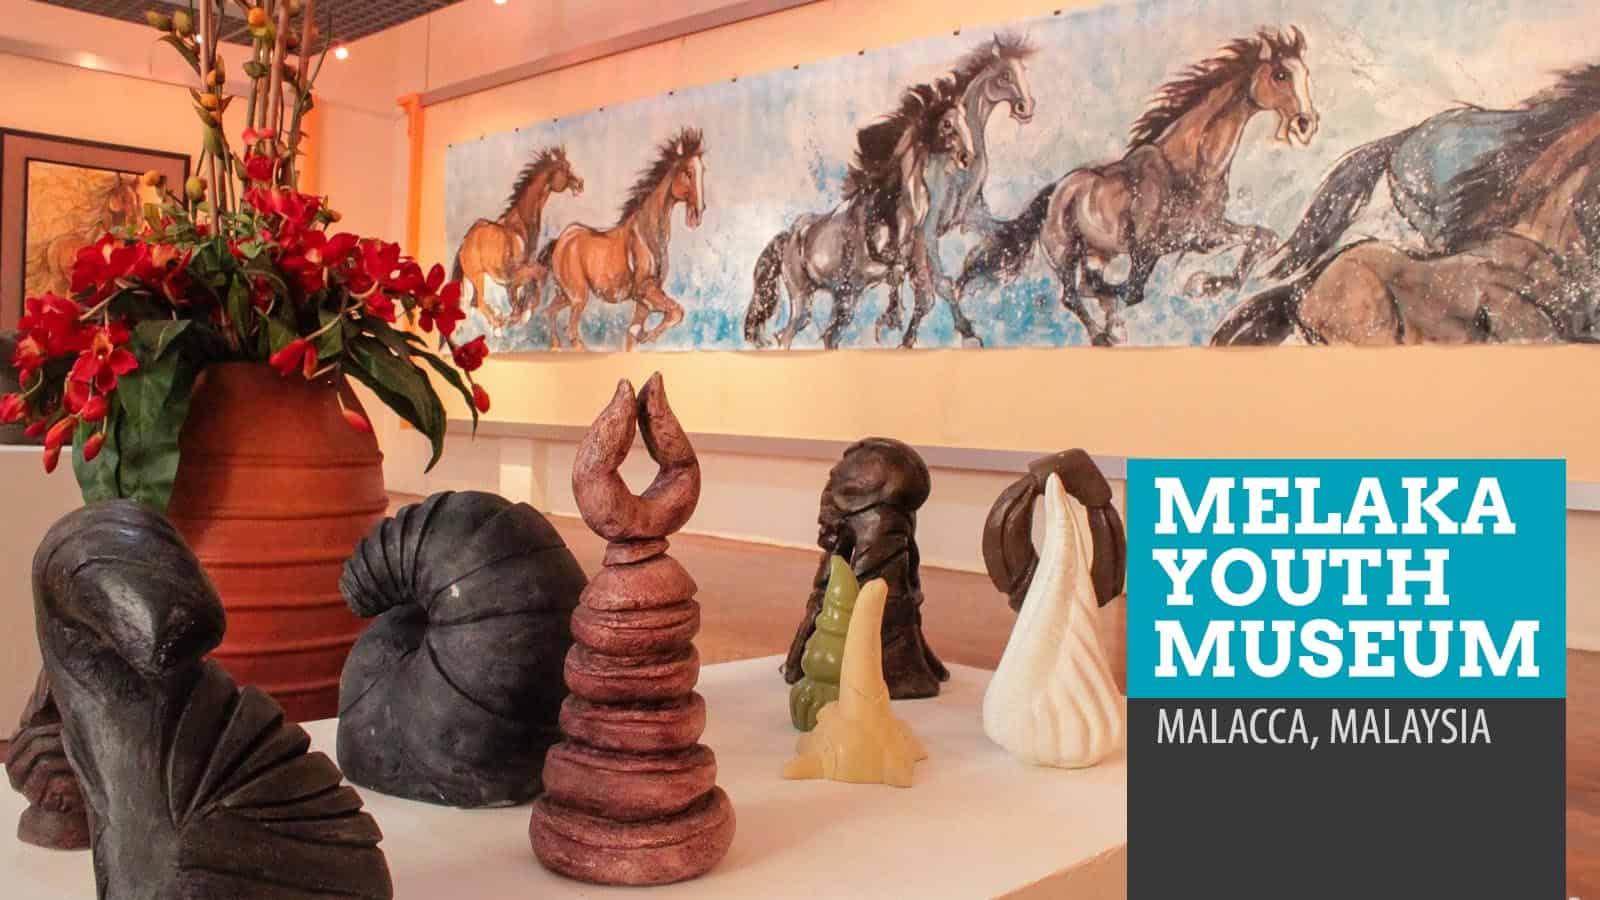 MELAKA YOUTH MUSEUM & ART GALLERY: Malacca, Malaysia